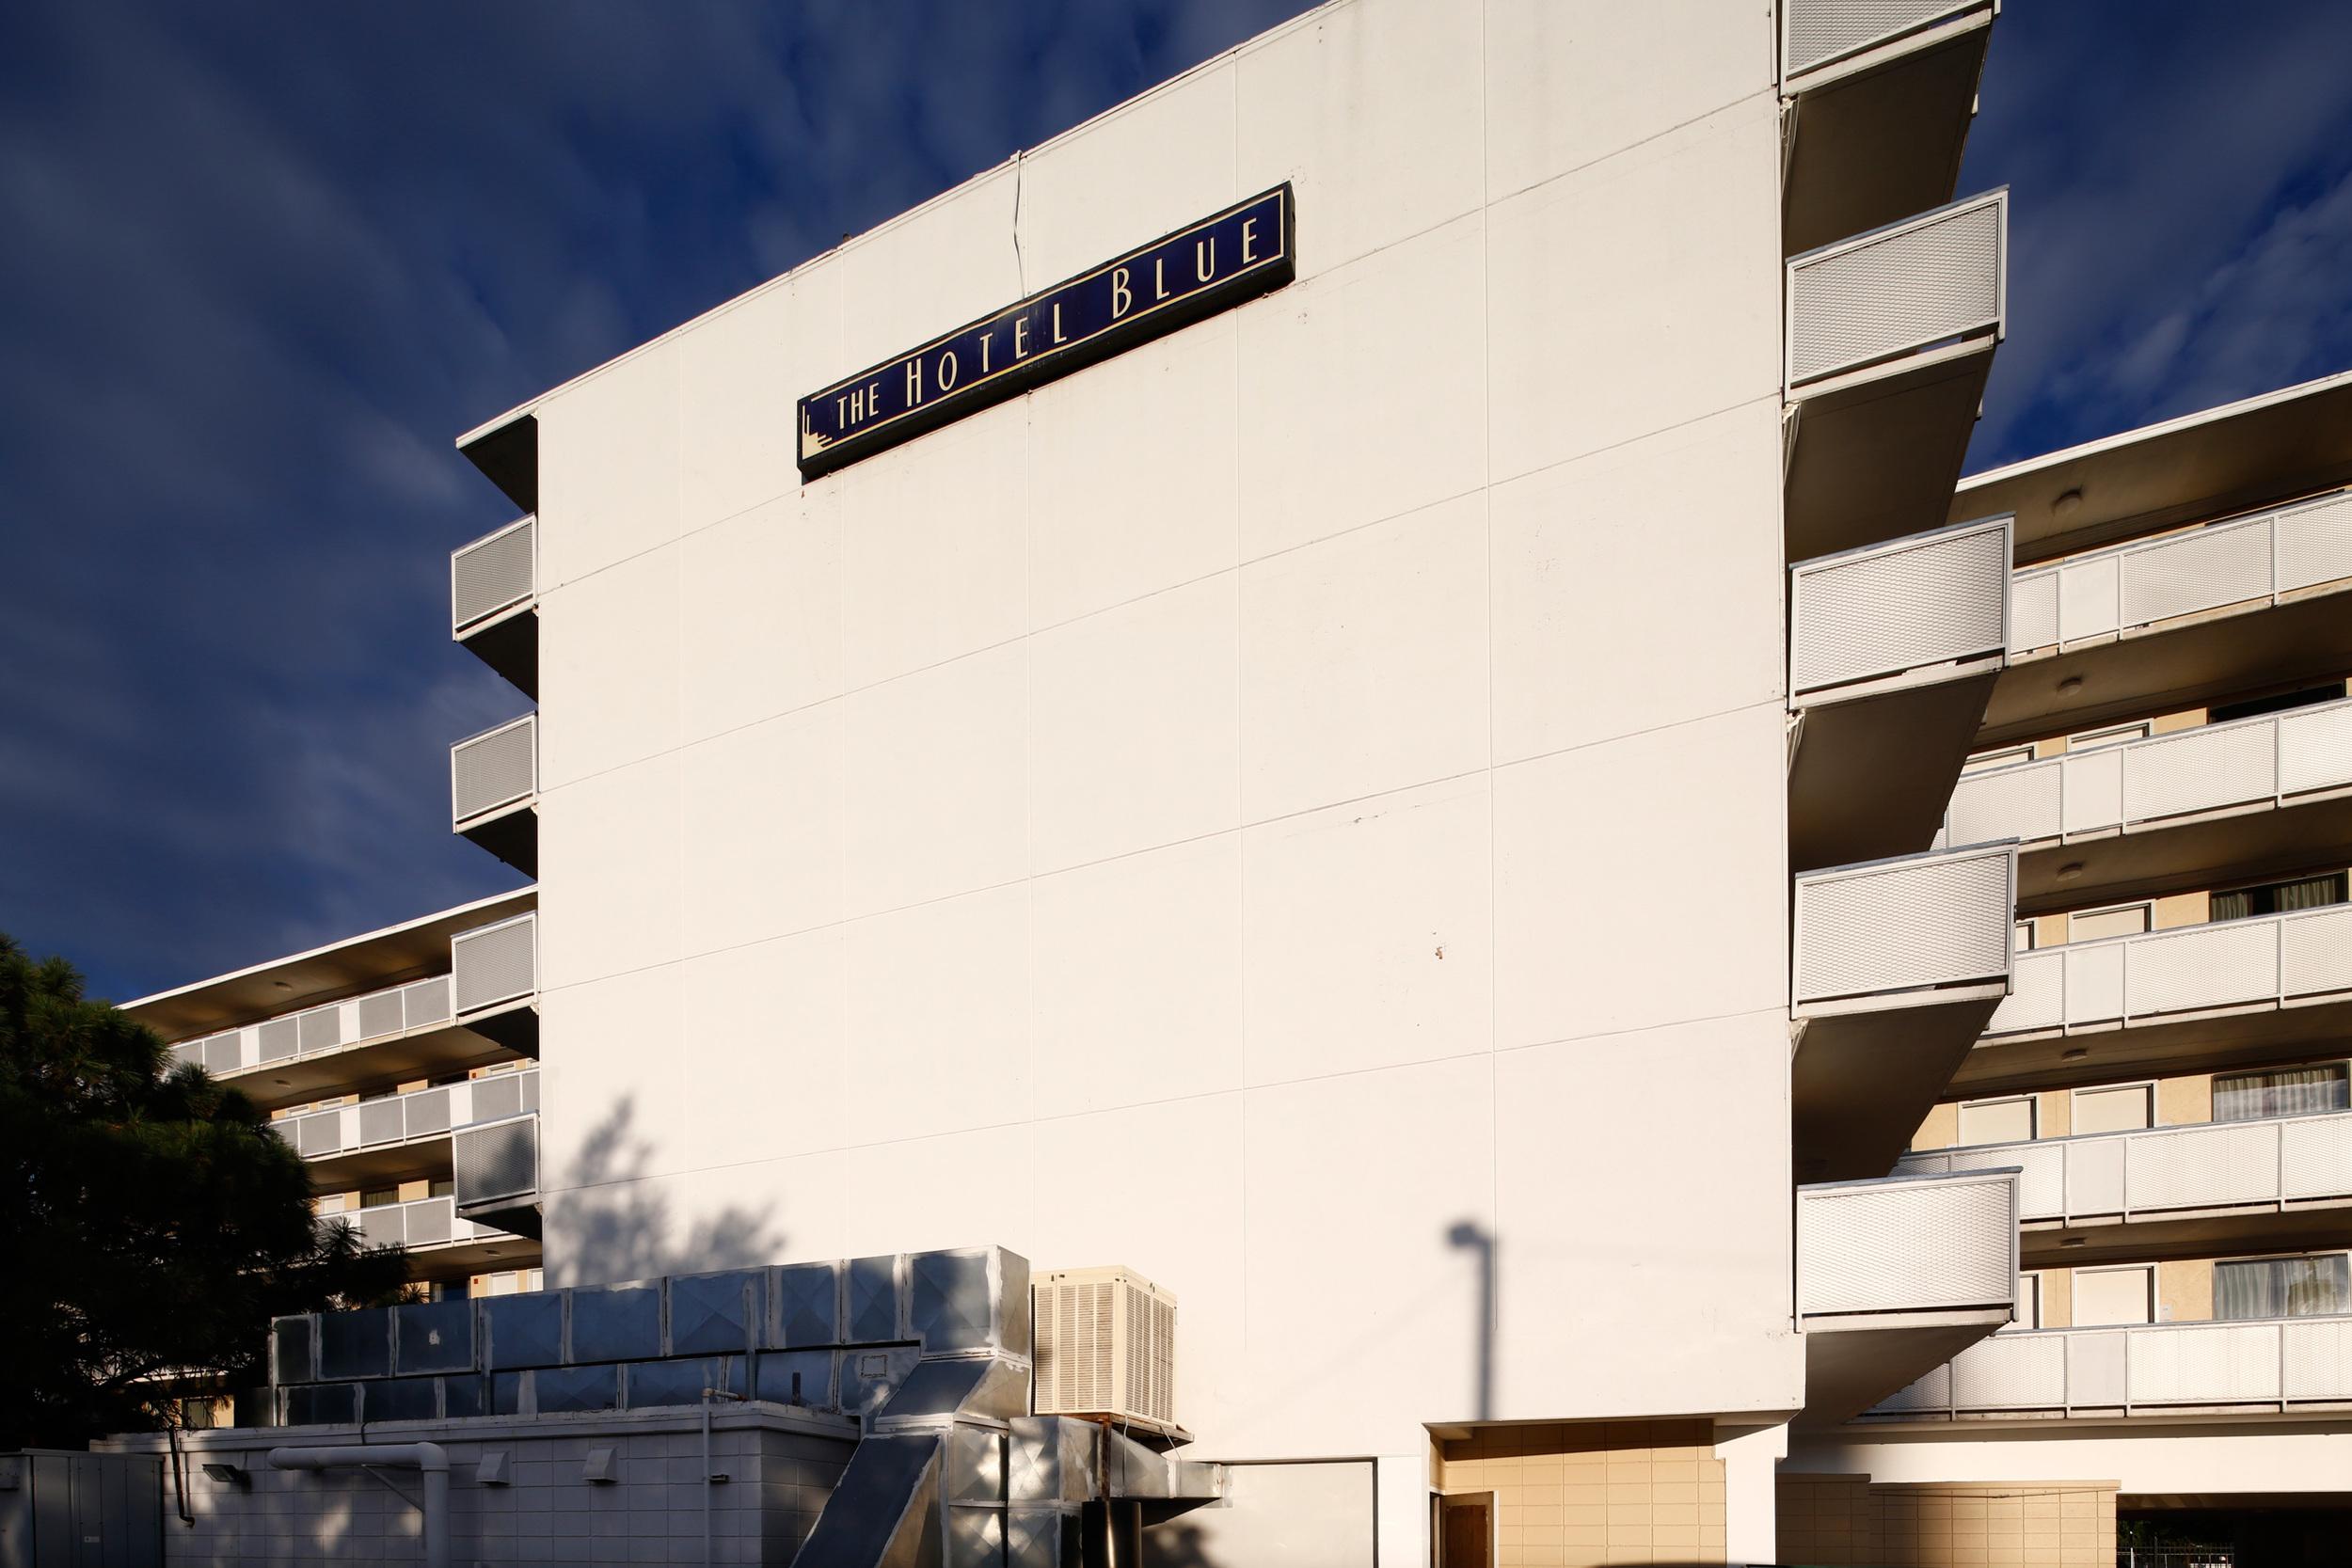 The Hotel Blue edifice